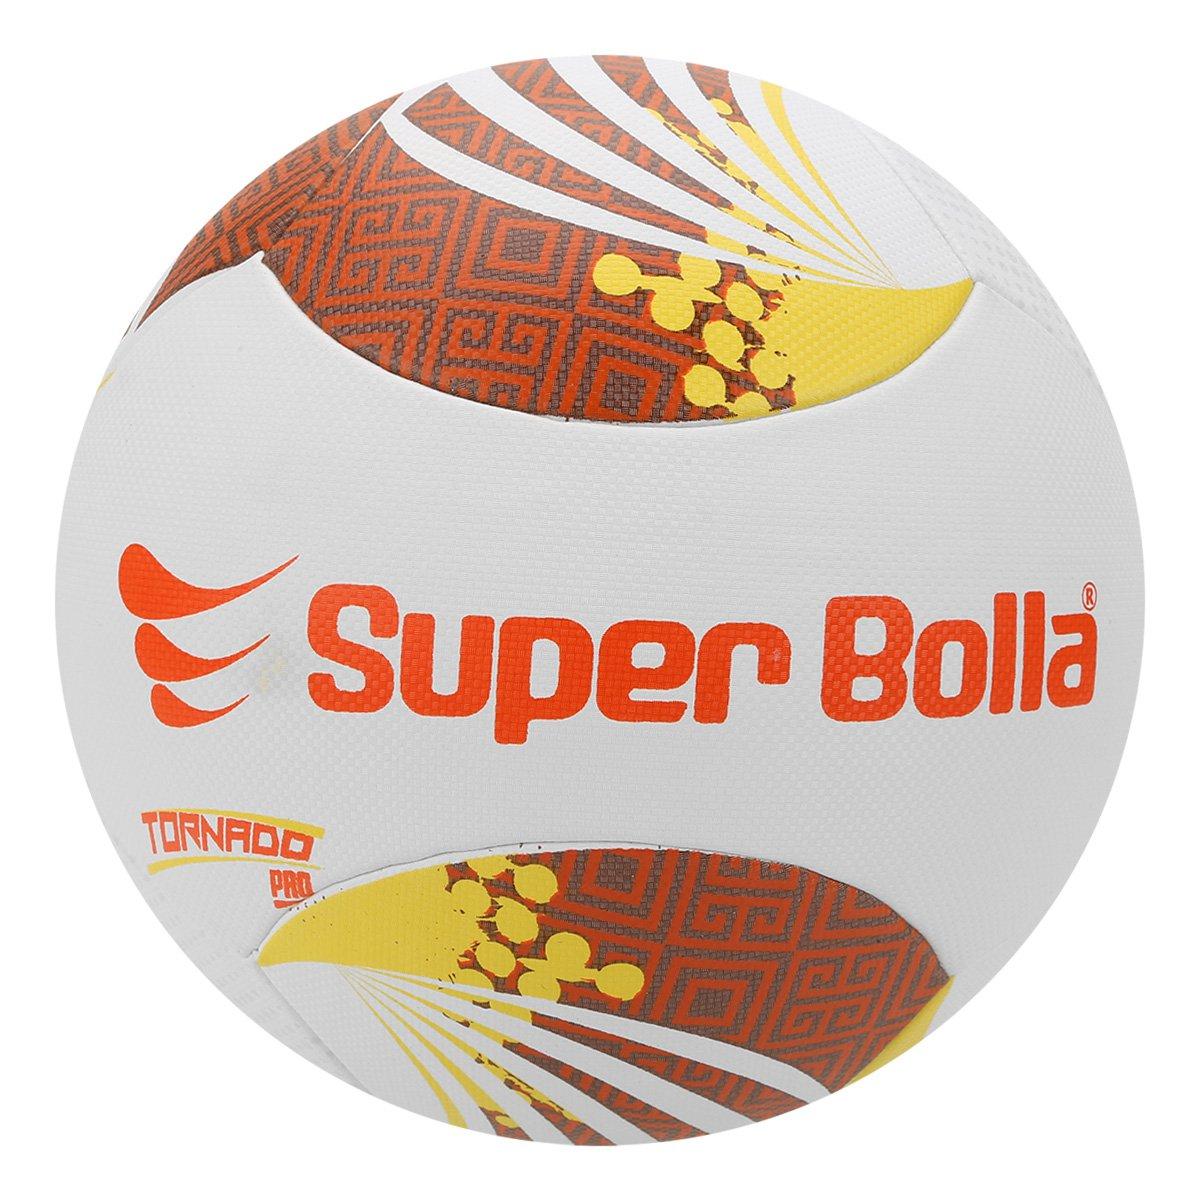 Bola Futebol Society Super Bolla Tornado PRO 6 Gomos - Compre Agora ... b38d92d6a509e